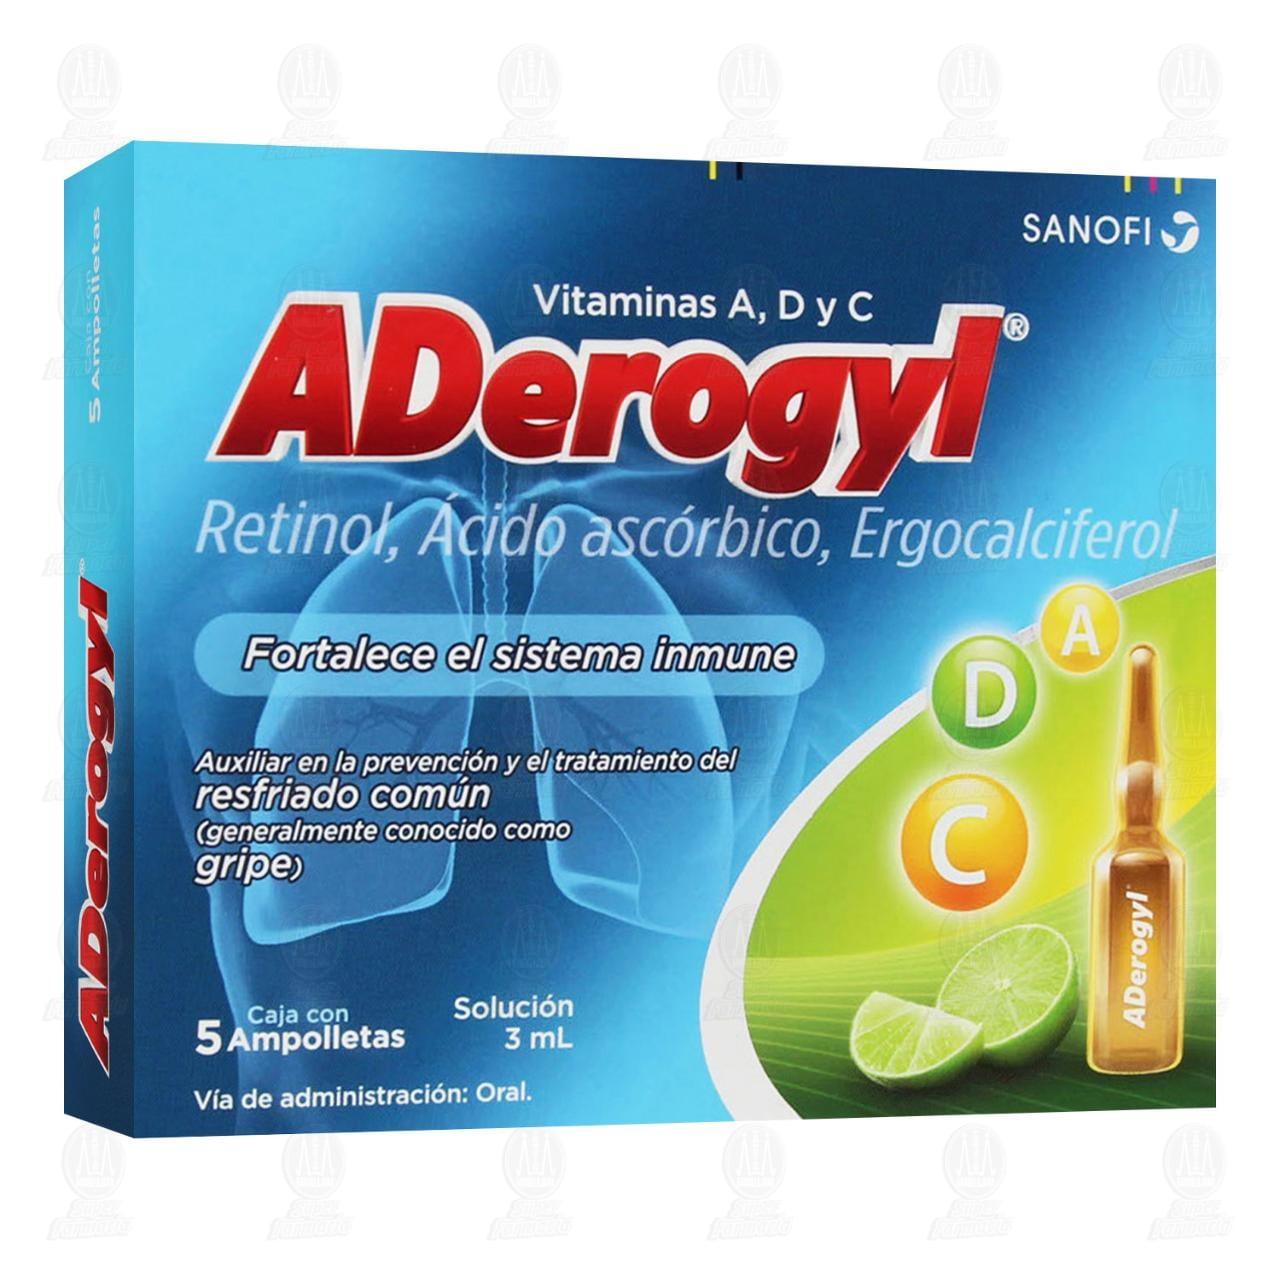 Aderogyl Prevención de la Gripa 5 Ampolletas 3ml